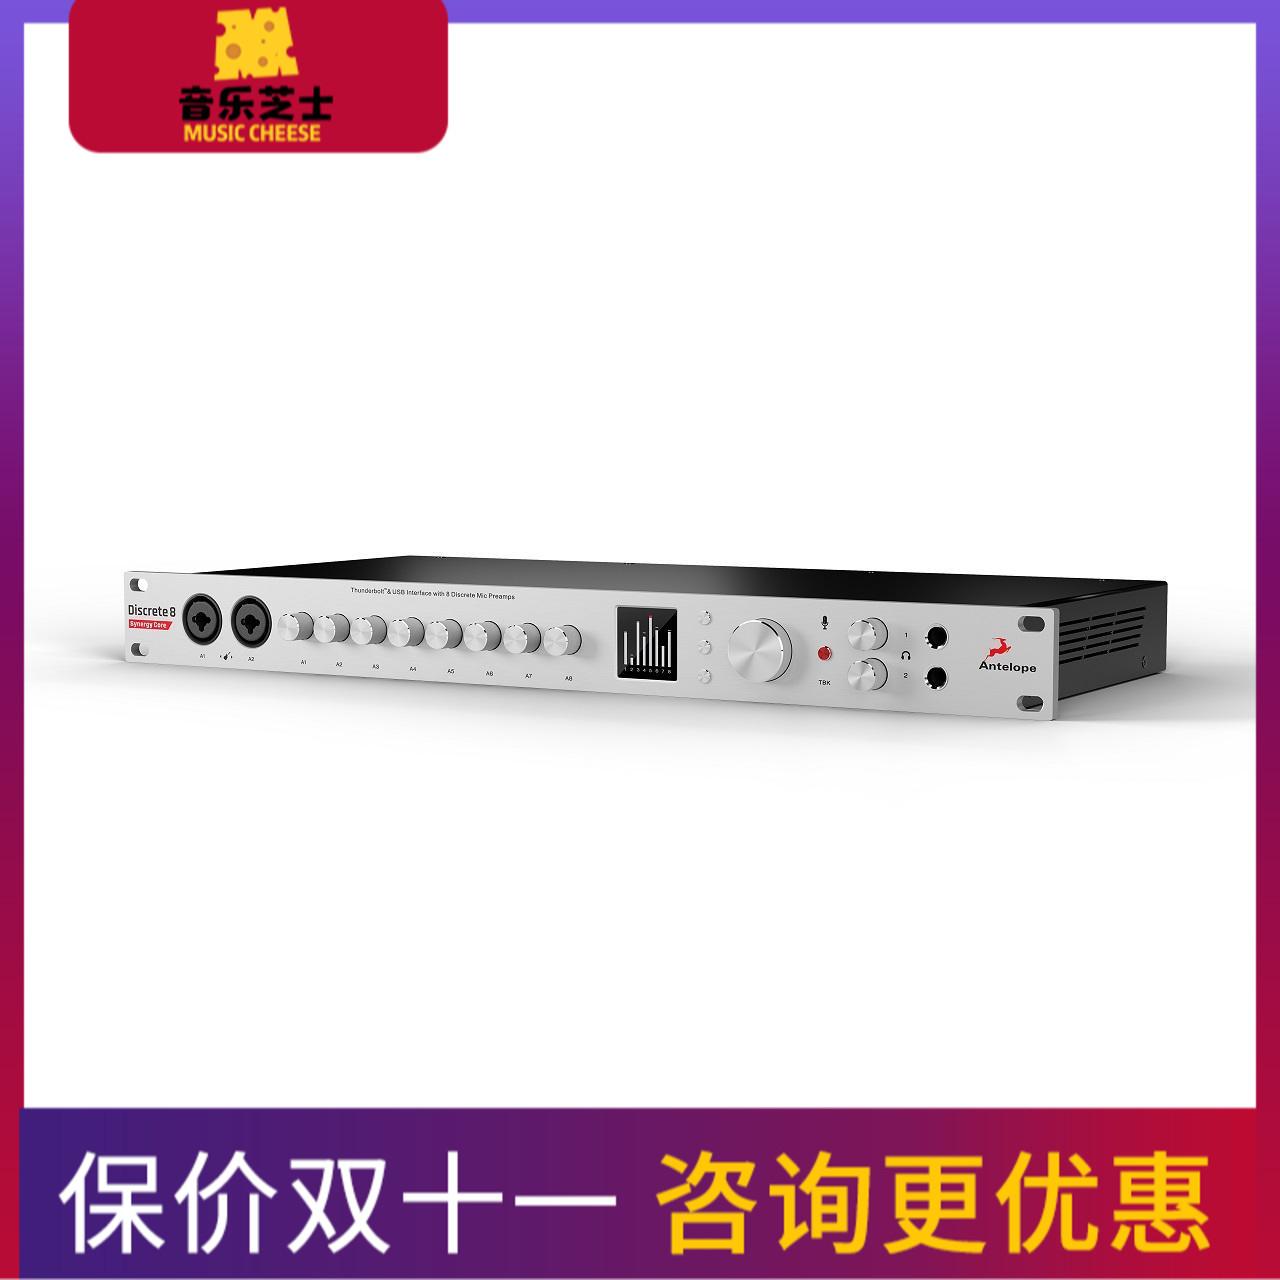 羚羊Discrete 4  8 Synergy Core 4通道 8通道 外置声卡 音频接口